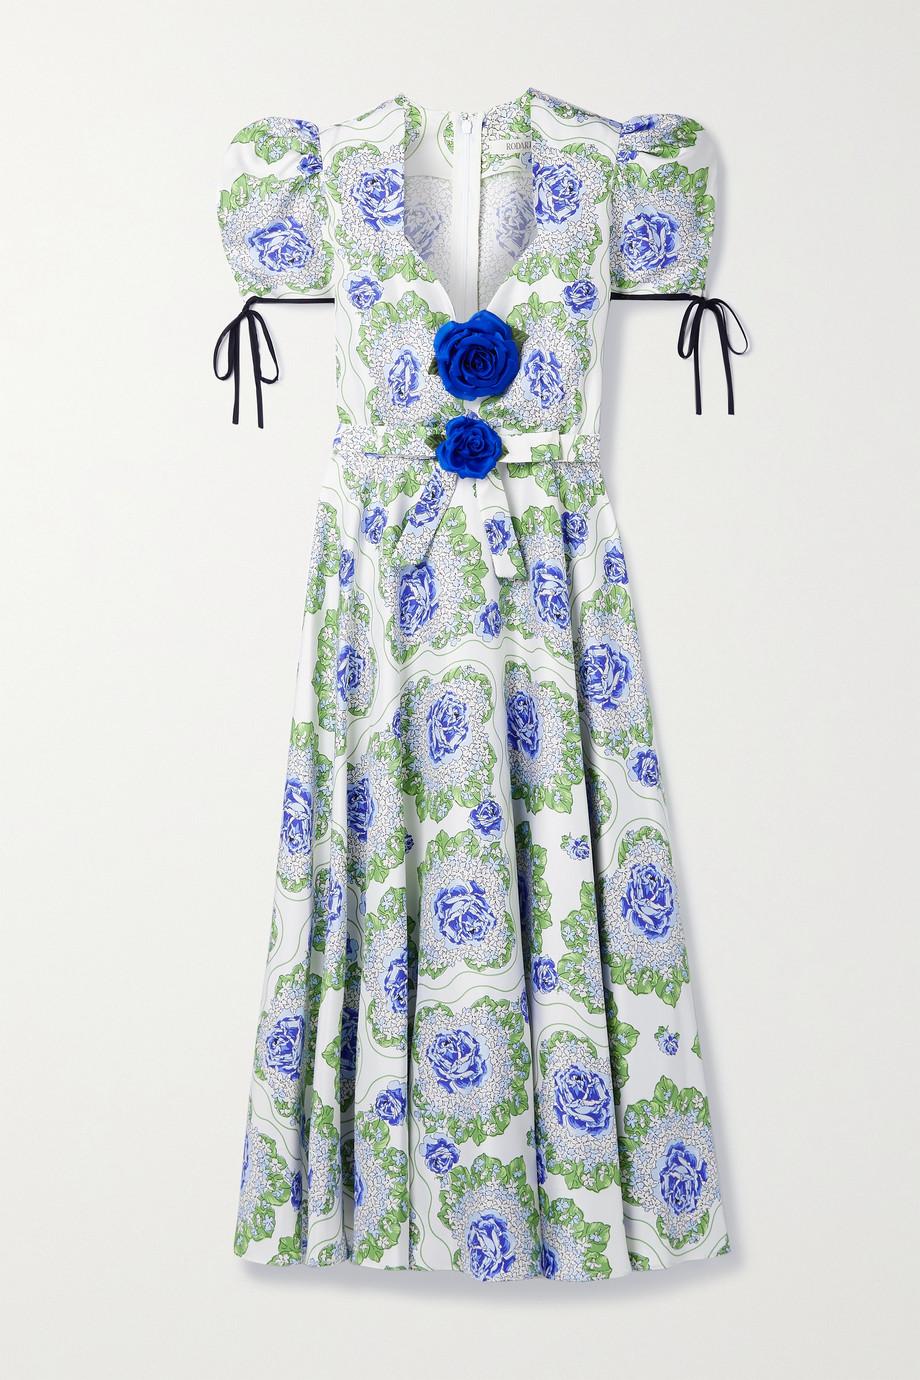 Rodarte Robe midi en serge de soie à imprimé fleuri et à ornements